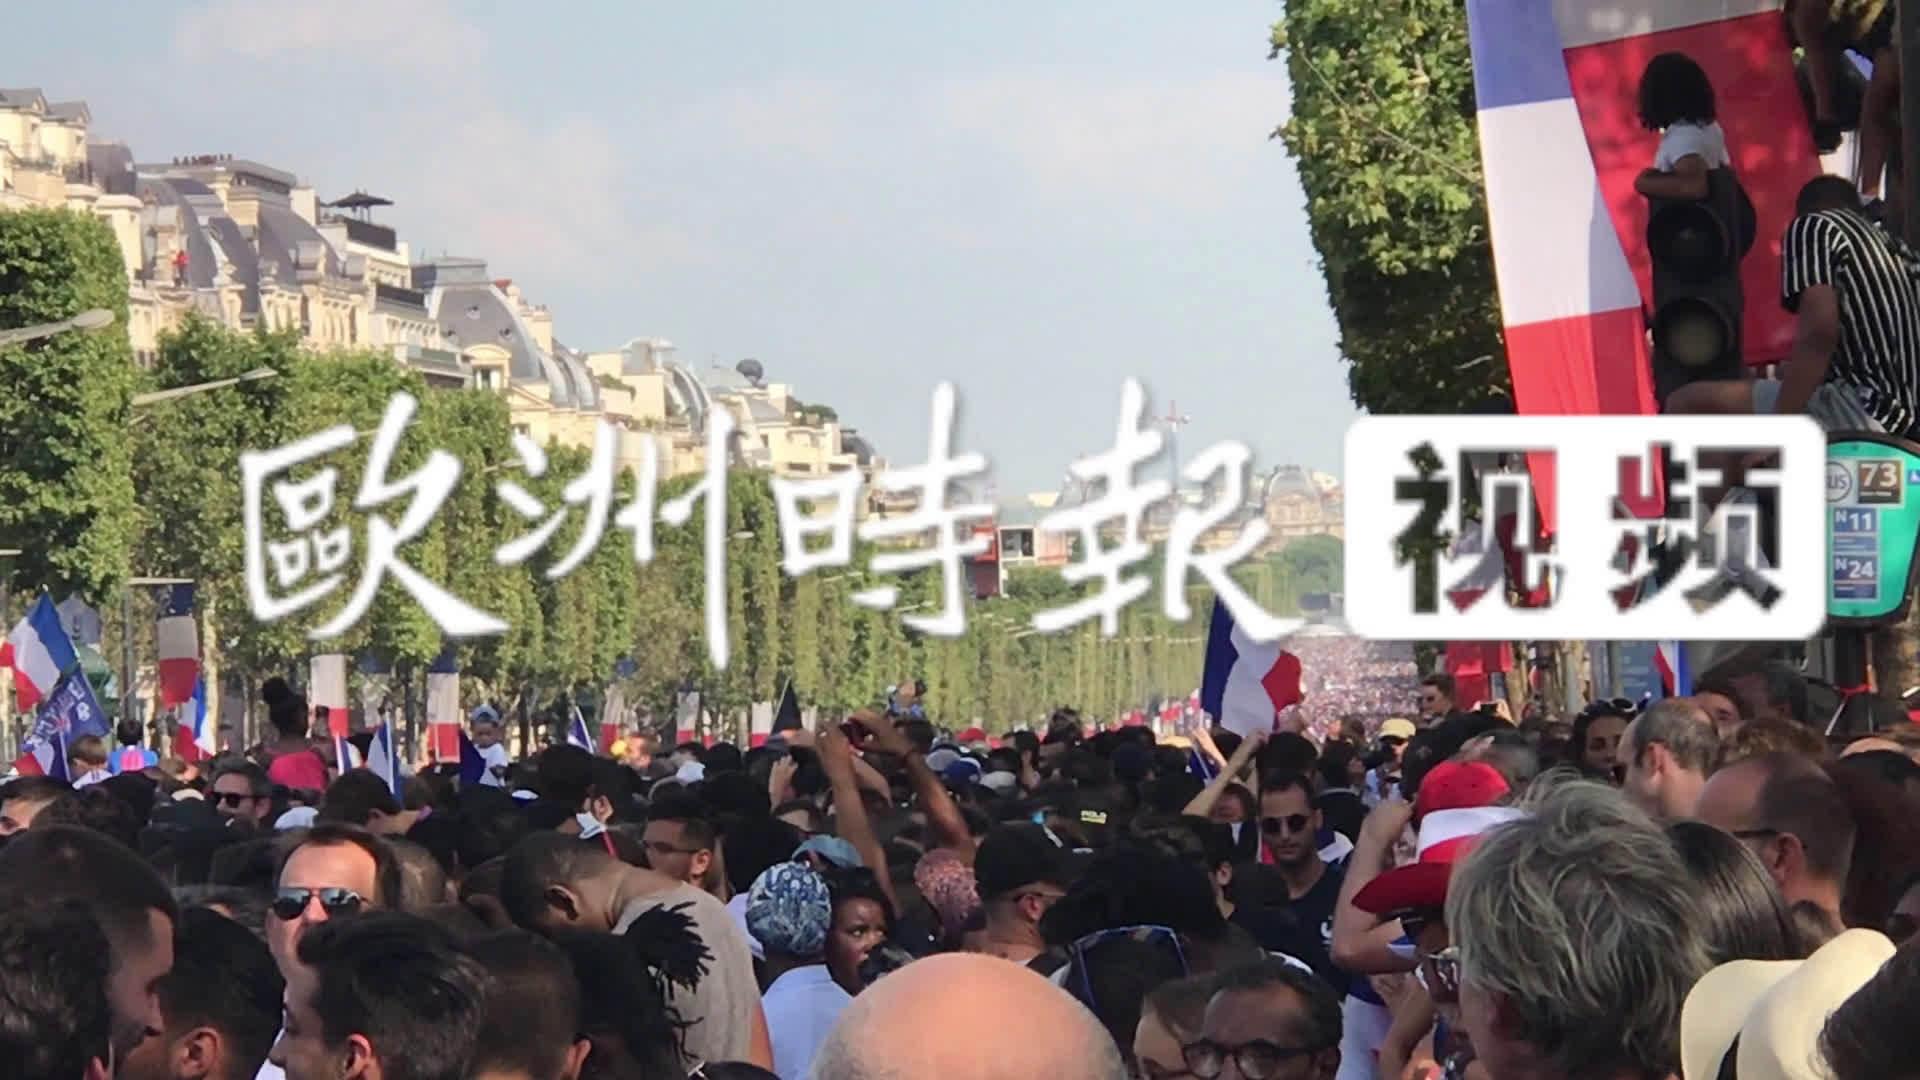 法国民众喜迎冠军凯旋,曾经的小鲜肉有话说